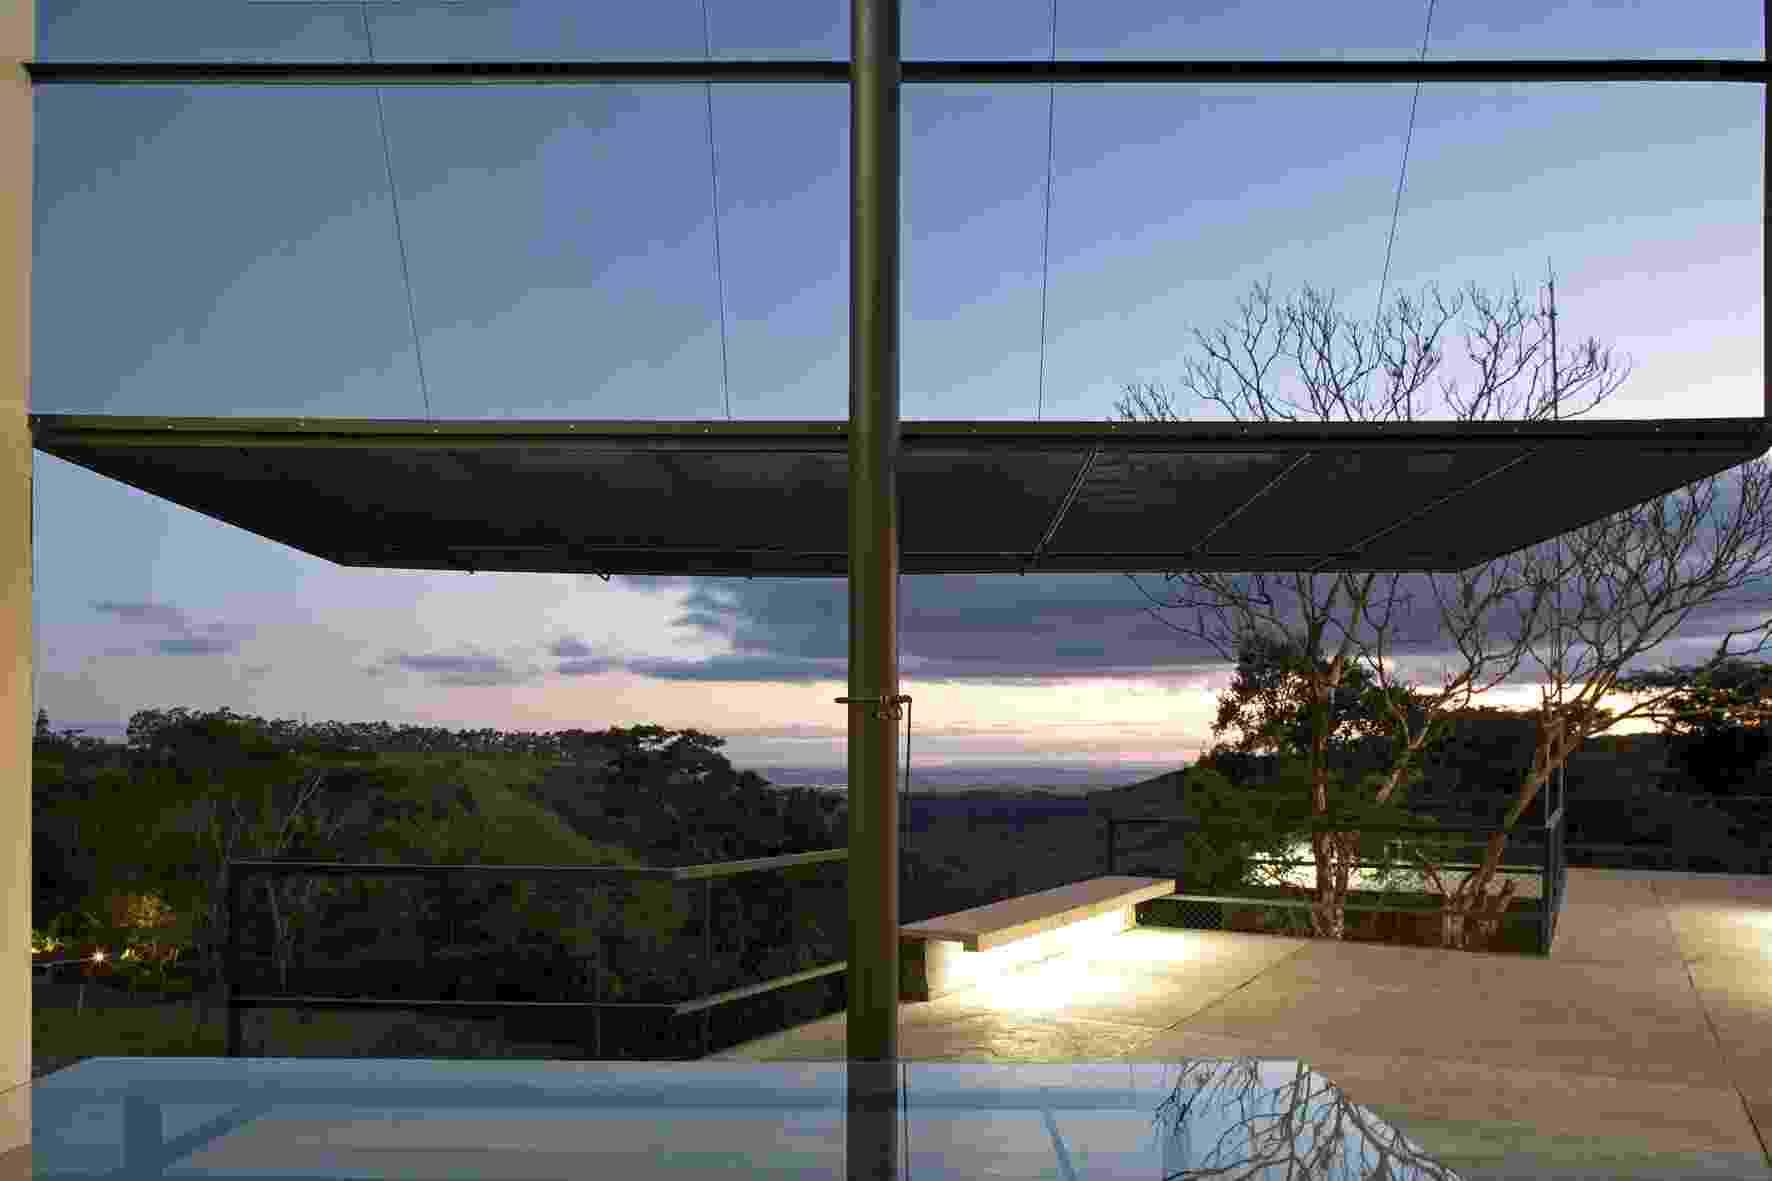 Os grandes portões de tela abrem a casa para a varanda e o horizonte. A casa no sítio Santo Antônio, em São Pedro (SP), foi projetada pelo arquiteto Eduardo de Oliveira Rosa - Leonardo Finotti/ UOL